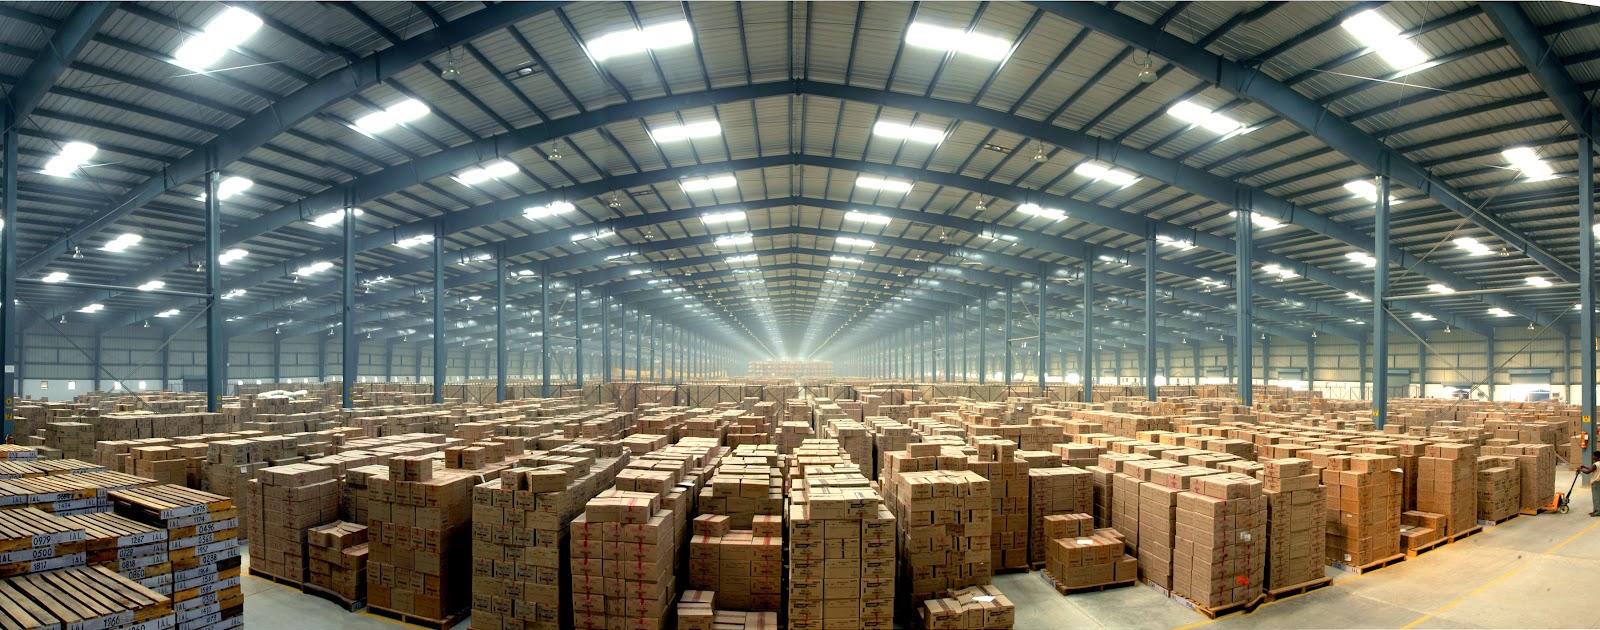 hassangarh warehouse